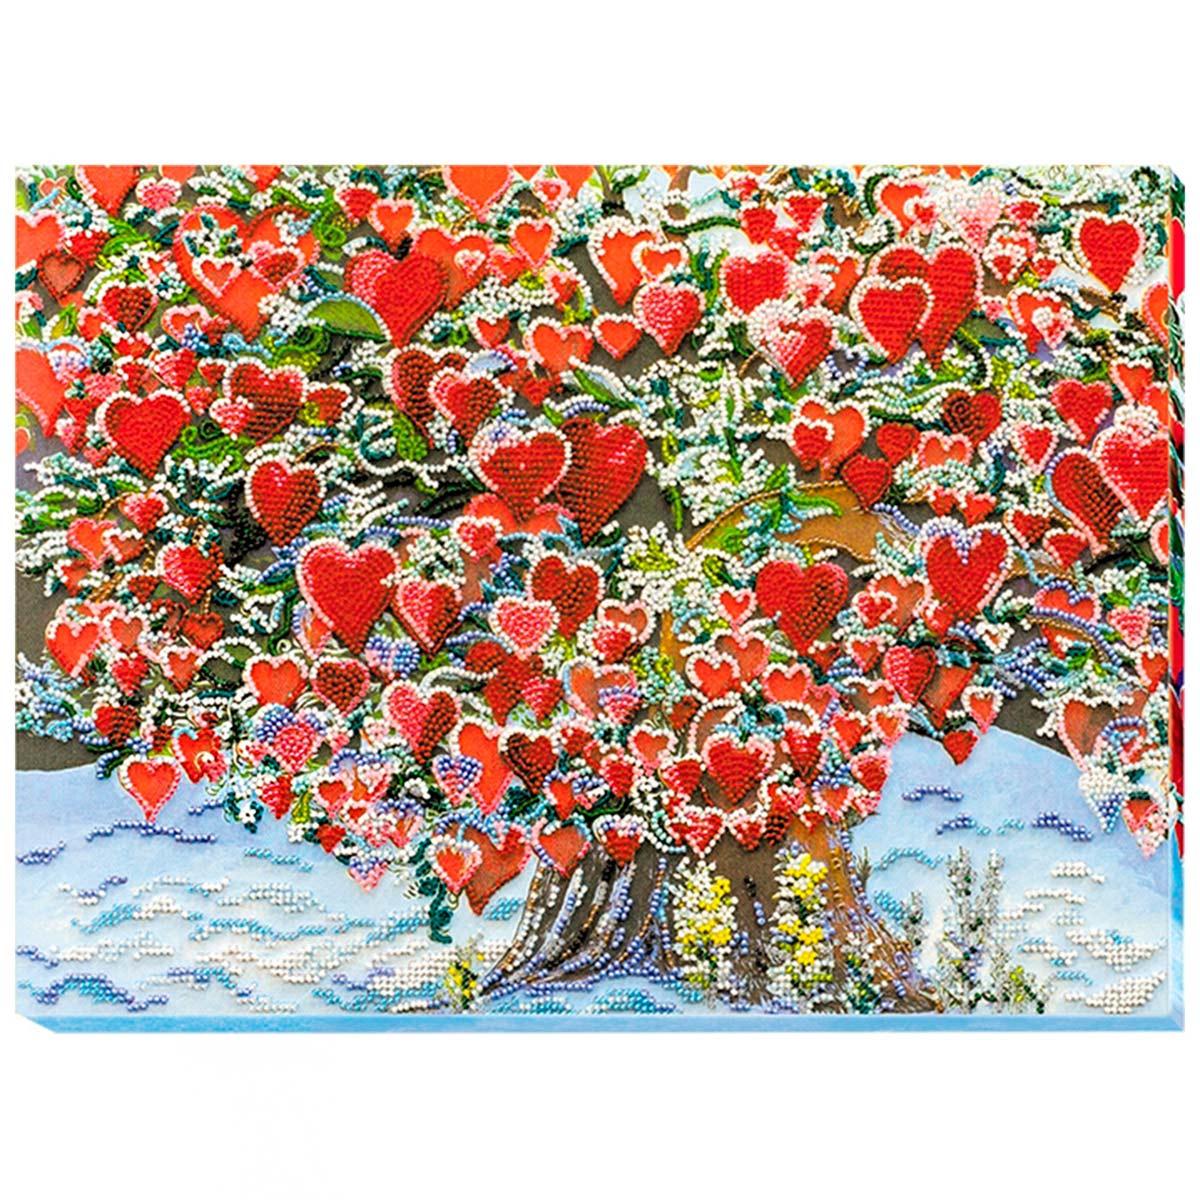 АВ-607 Набор для вышивания бисером 'Дерево любви' 37*27см